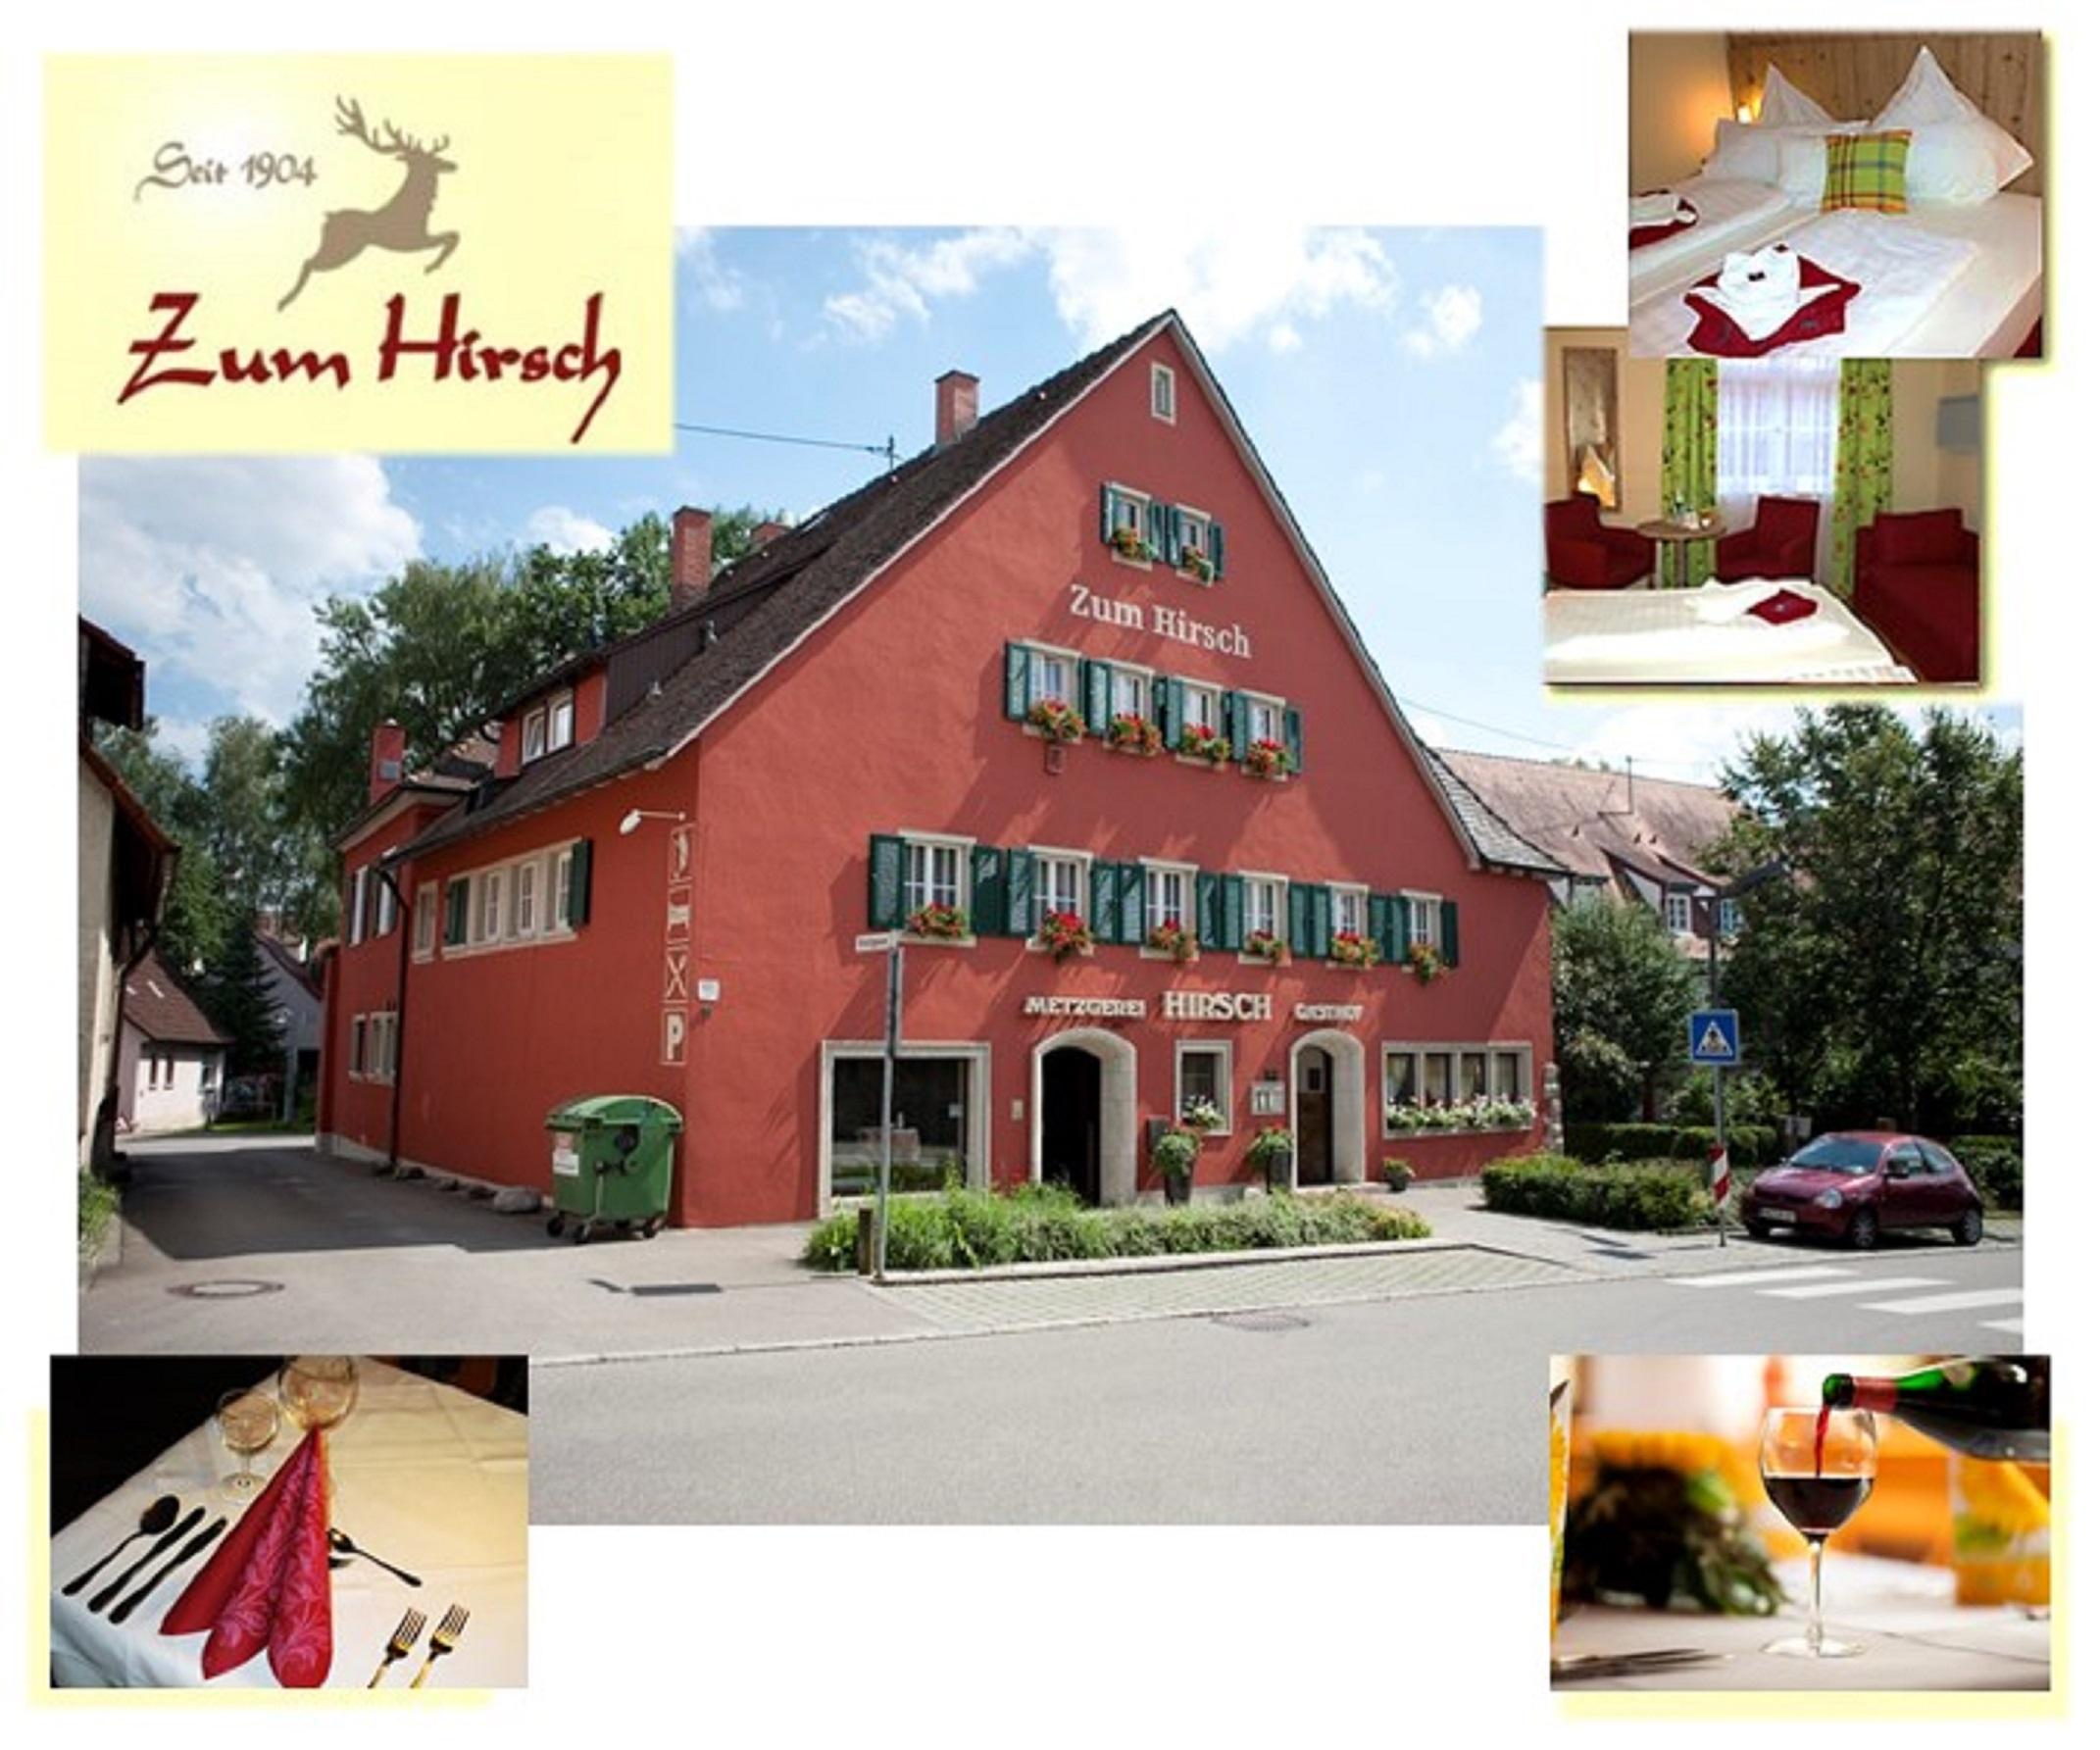 Hotel Schwäbisch Hall Zum Hirsch, zum-hirsch -hotel.de